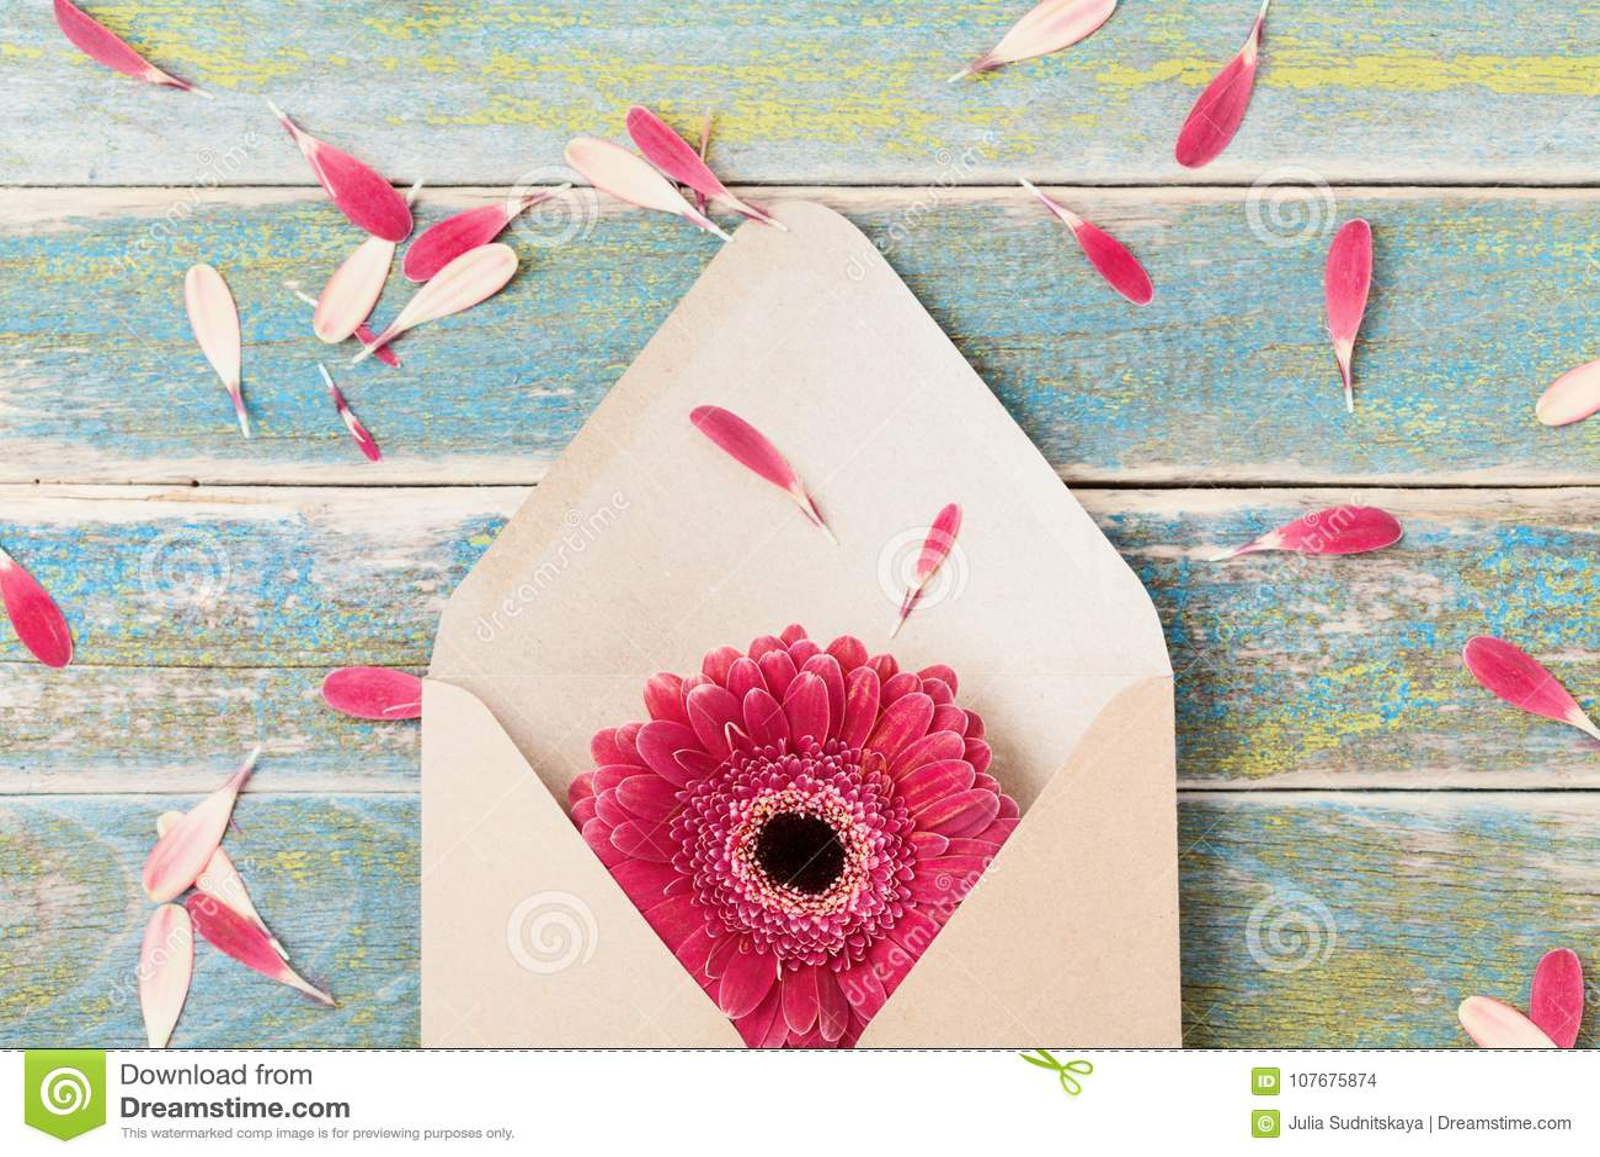 Geschenk- oder Geschenkmitteilungskonzept mit einzelner Gerberablume in Kraftpapier-Umschlag Grußkarte am Mutter- oder Frauentag